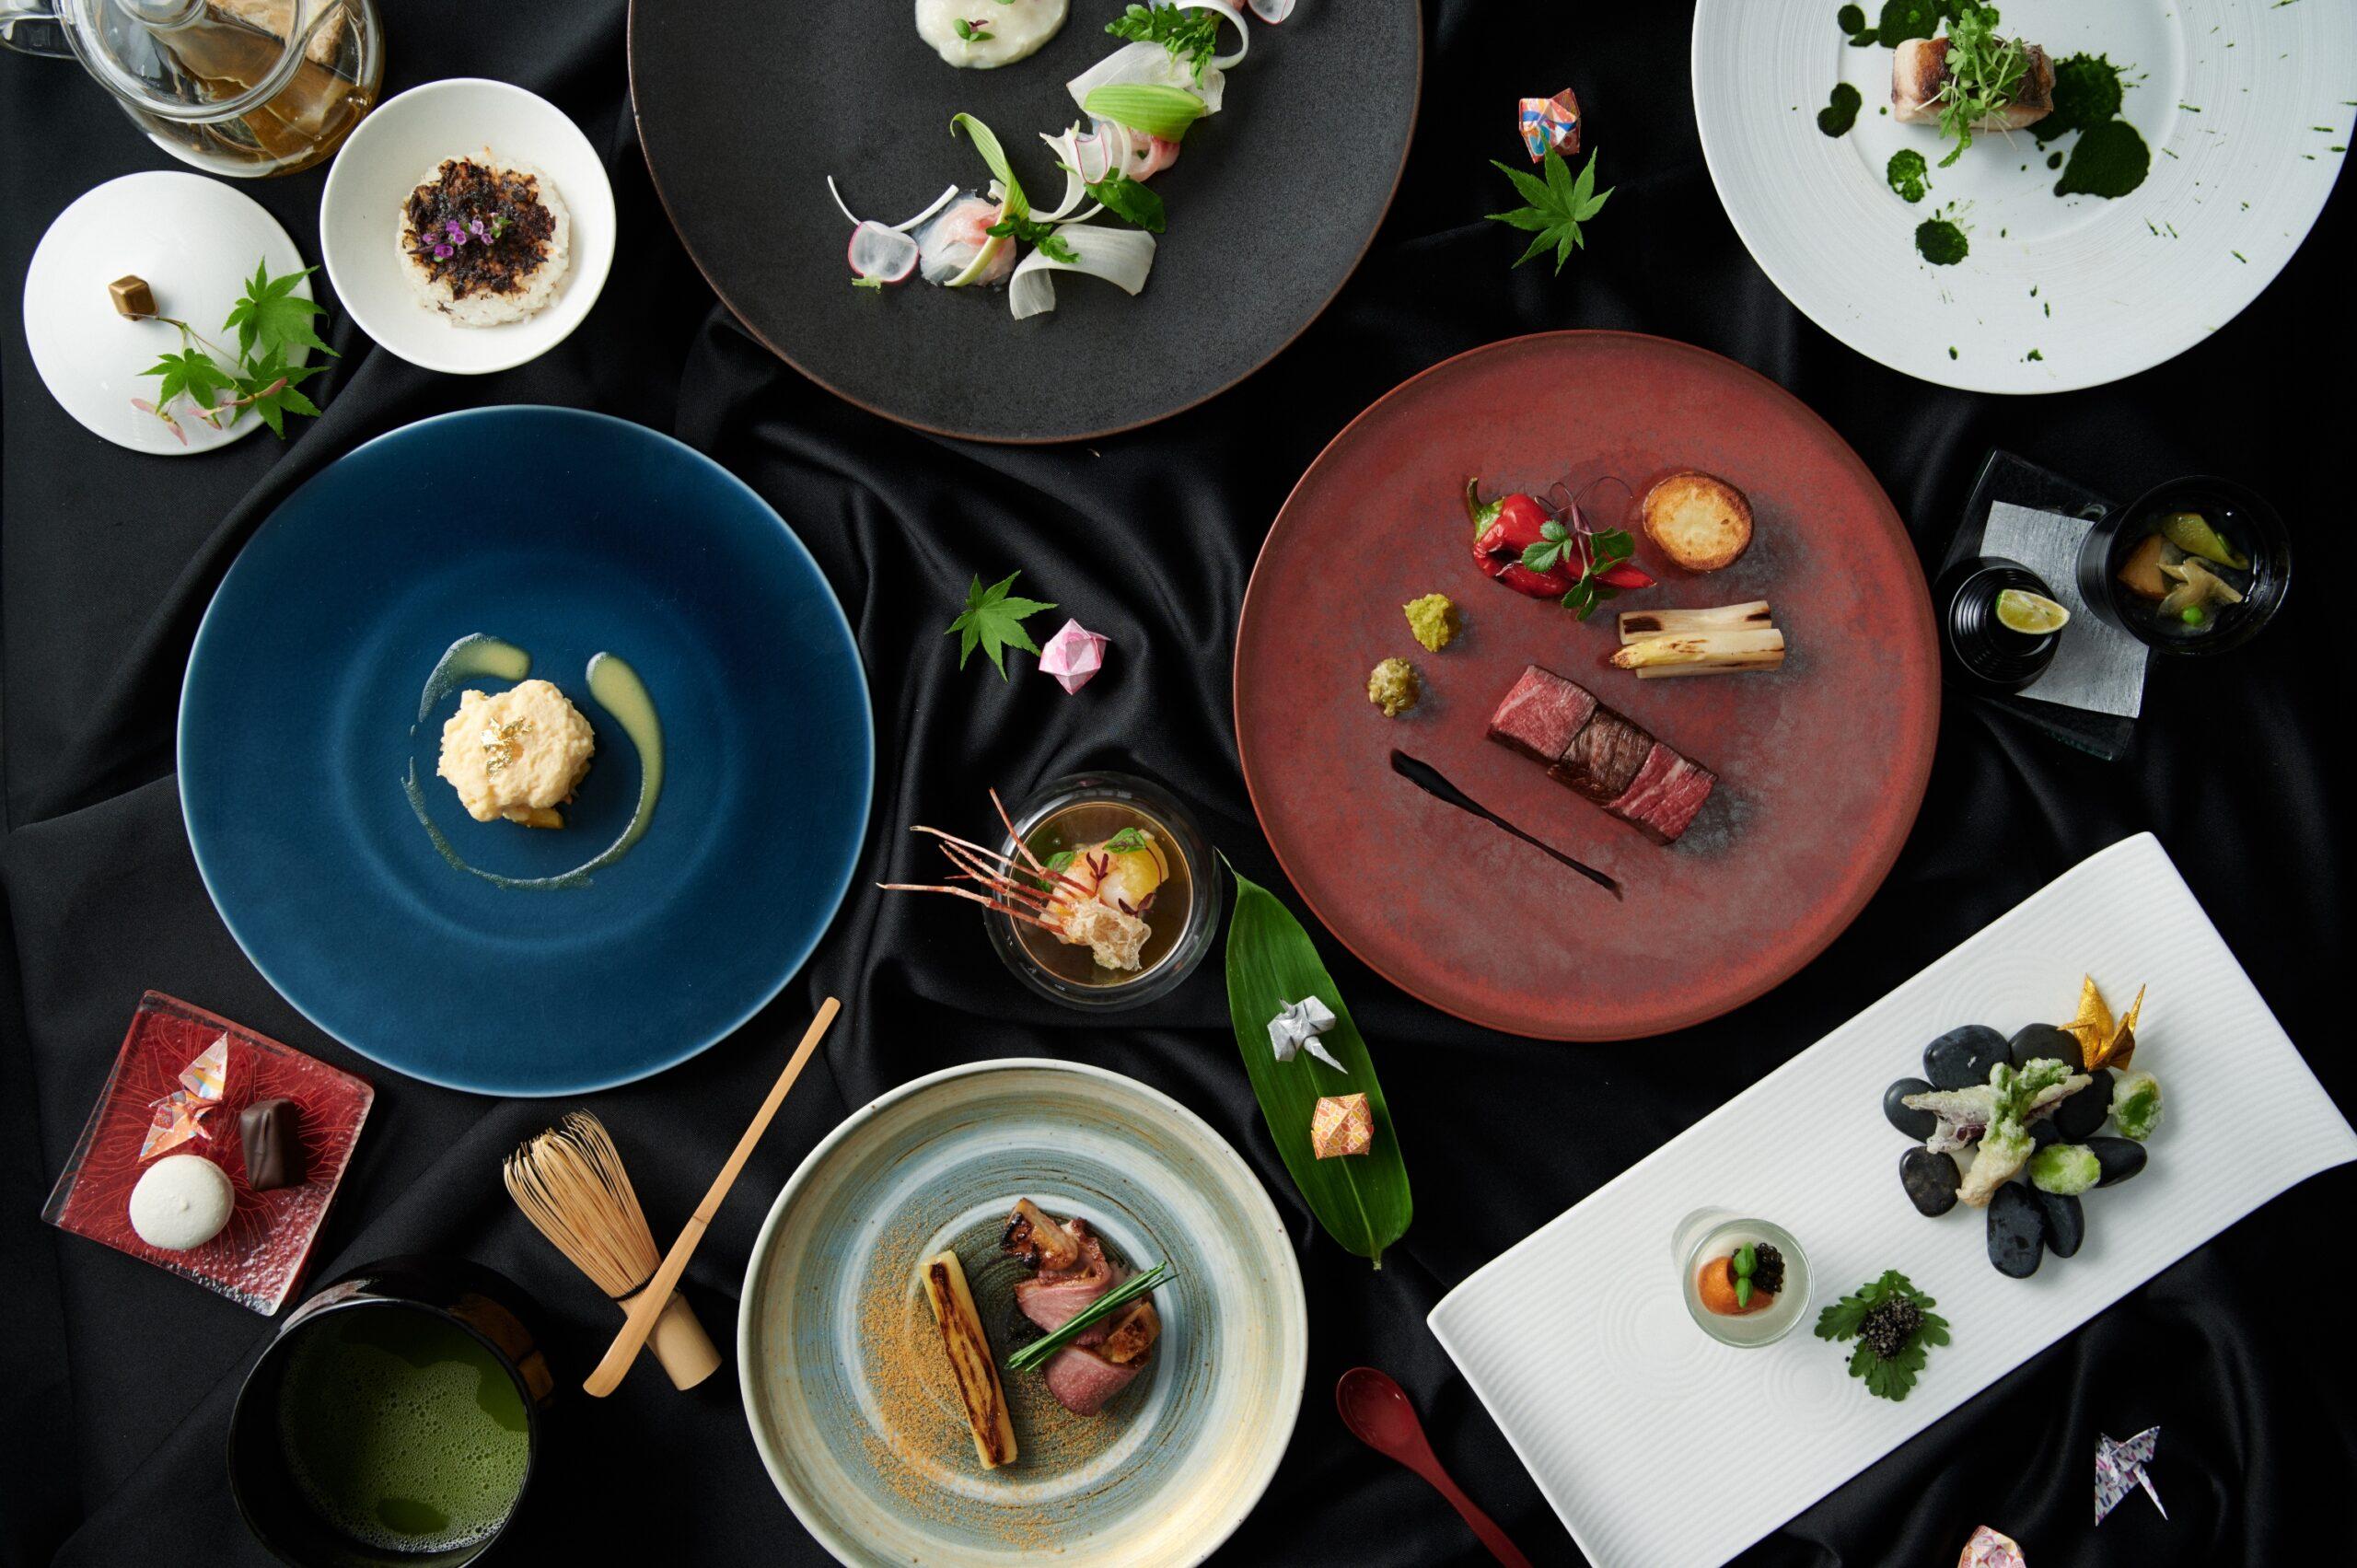 お箸で食べる「イタリアン会席」 青山の「VINO BUONO(ヴィーノボーノ)」で